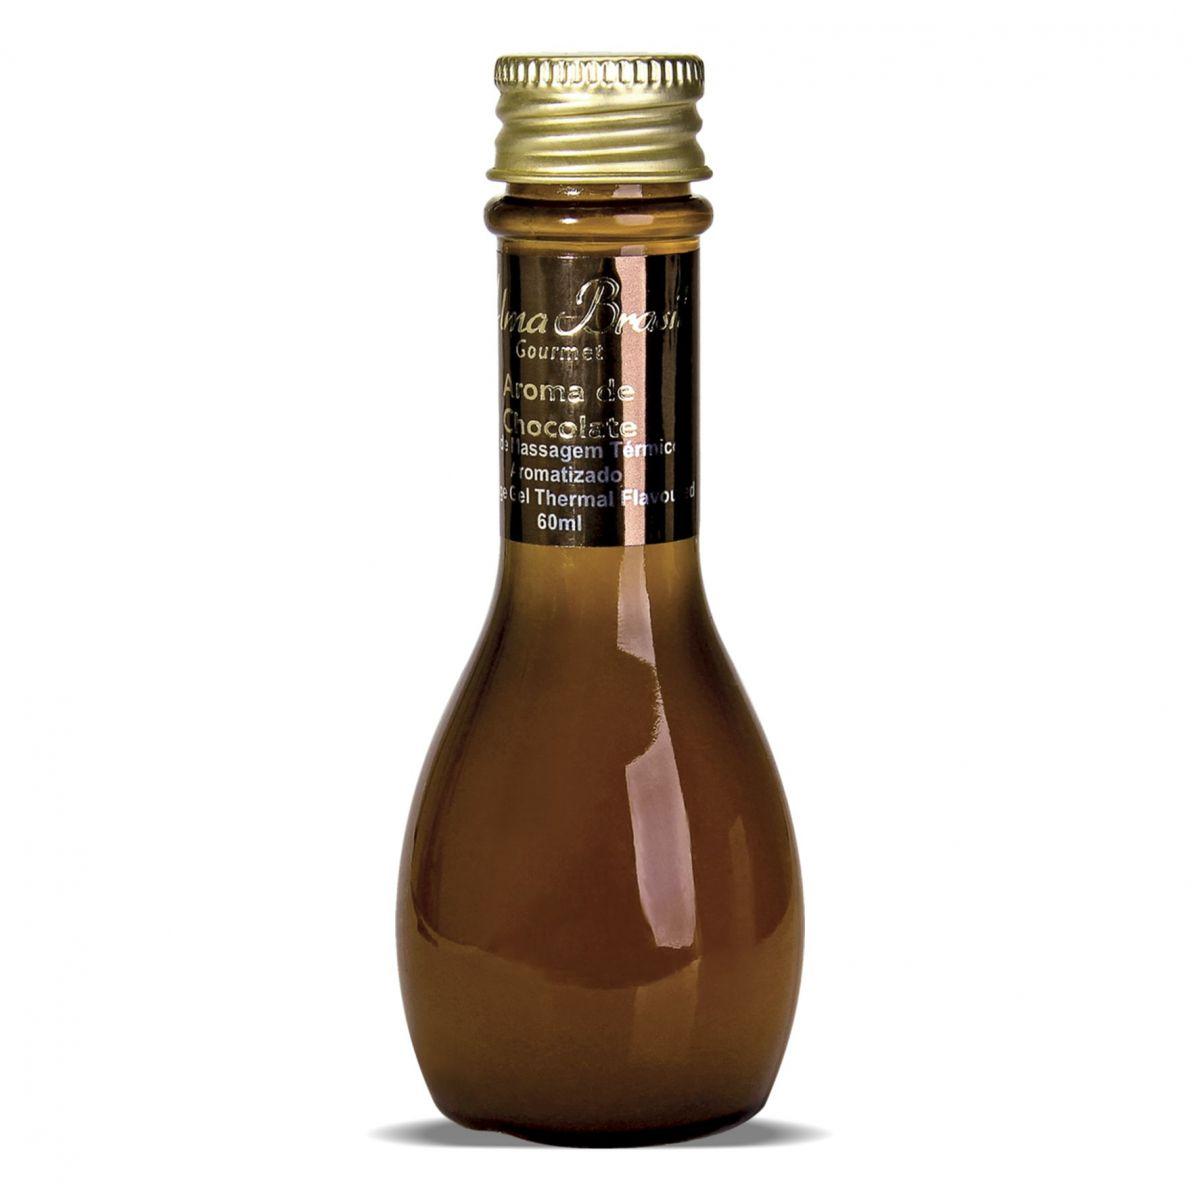 Gel de massagem térmico aromatizado lubrificante Gourmet Chocolate 60ml  - Alma Brasil Cosméticos